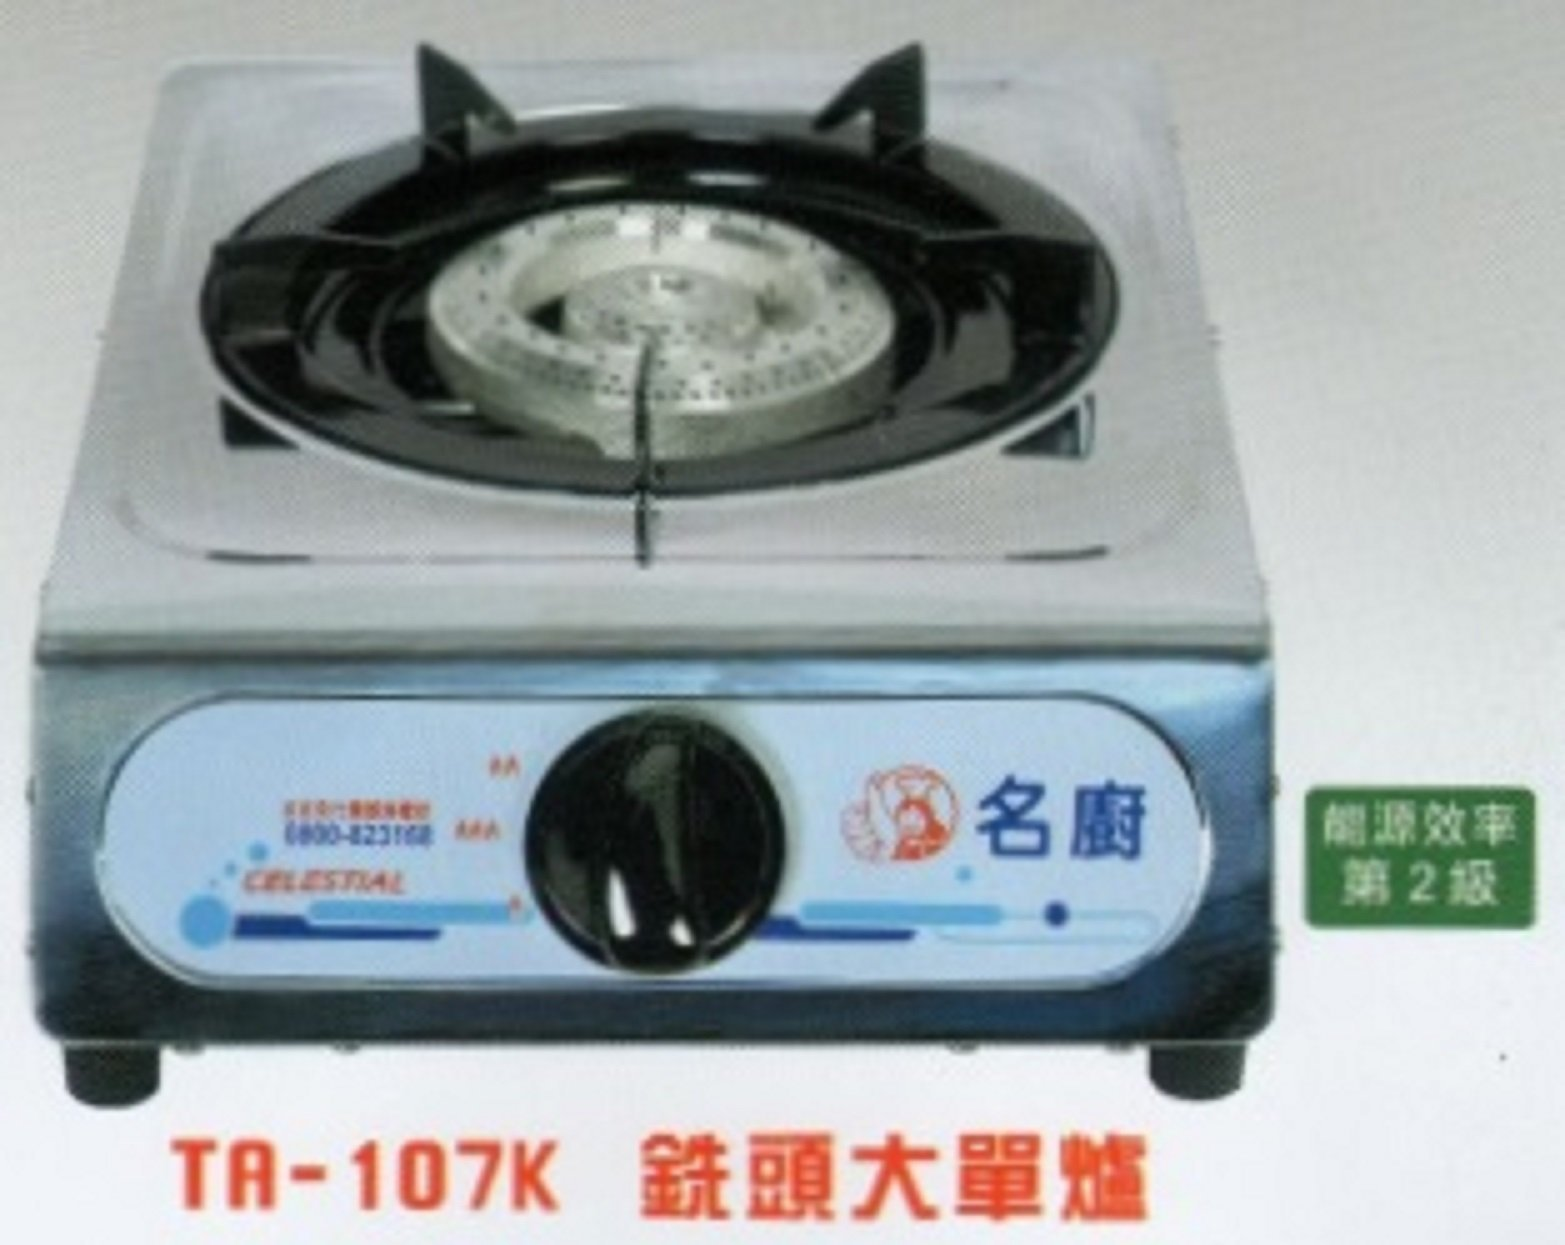 名廚牌 瓦斯爐 銑頭大單爐 TA-107K 天然瓦斯